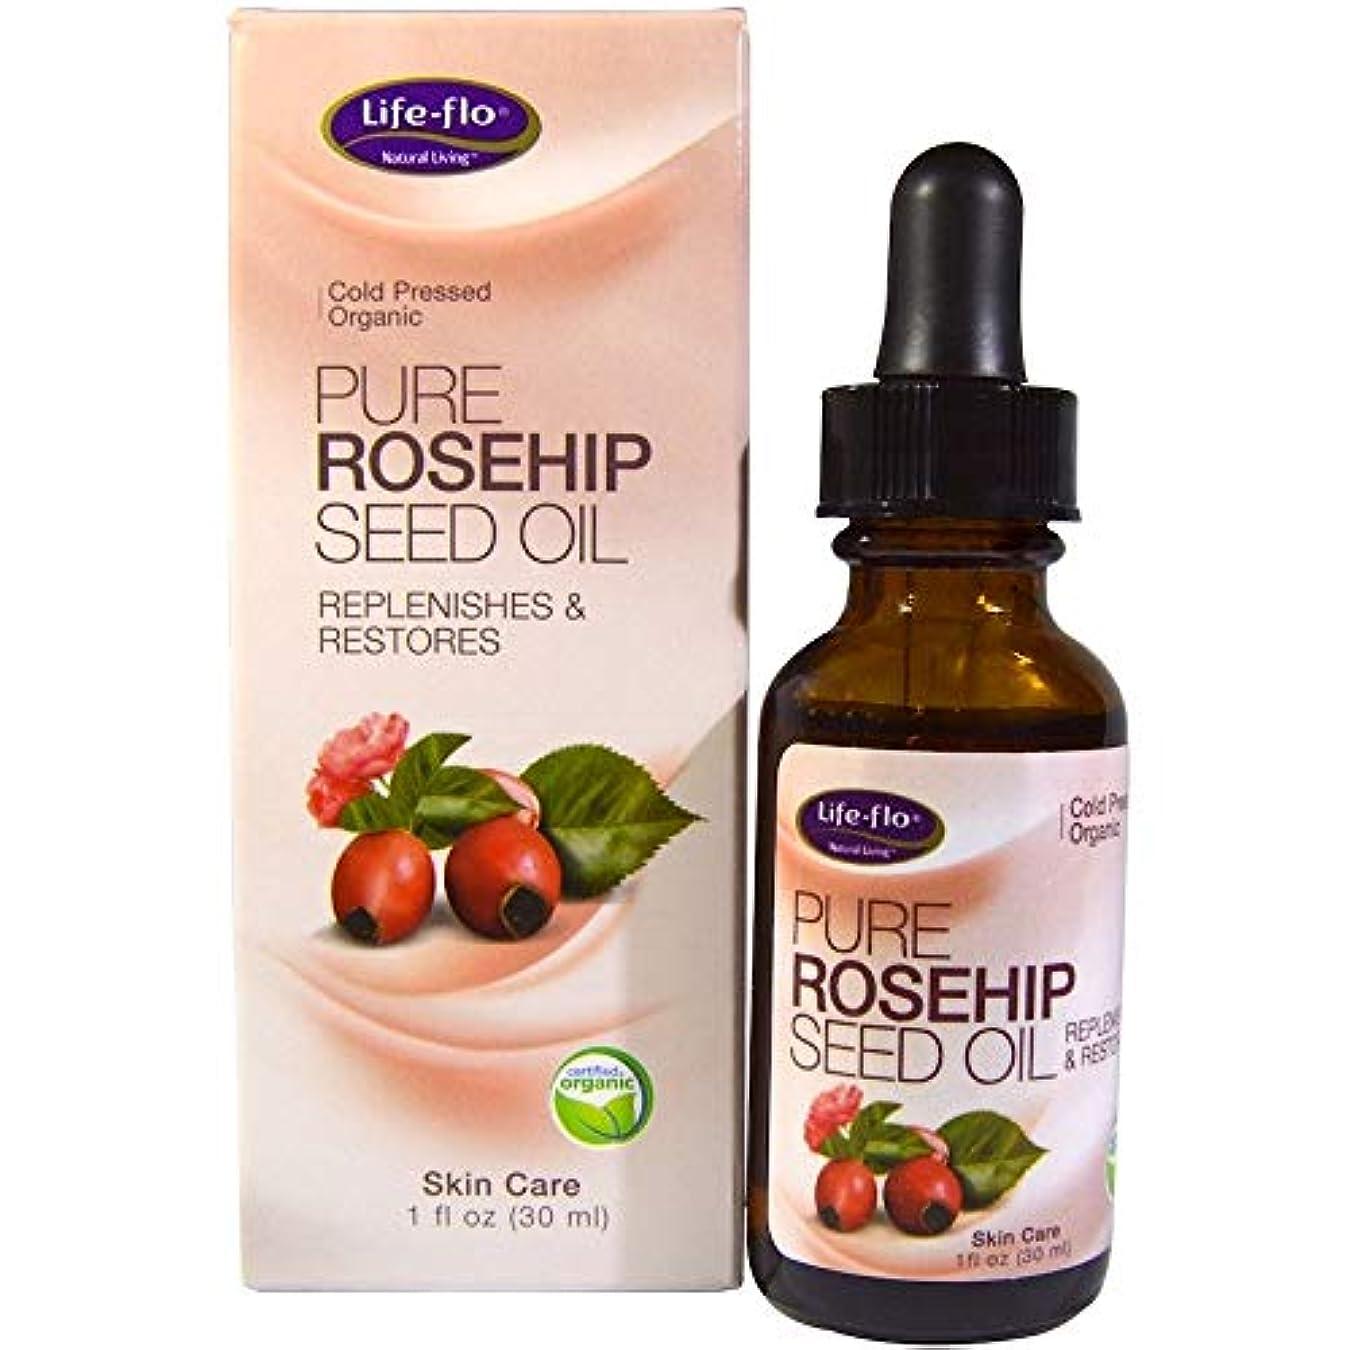 任命フィッティング市長[並行輸入品] Life-Flo Pure Rosehip Seed Oil, 1 oz x 2パック